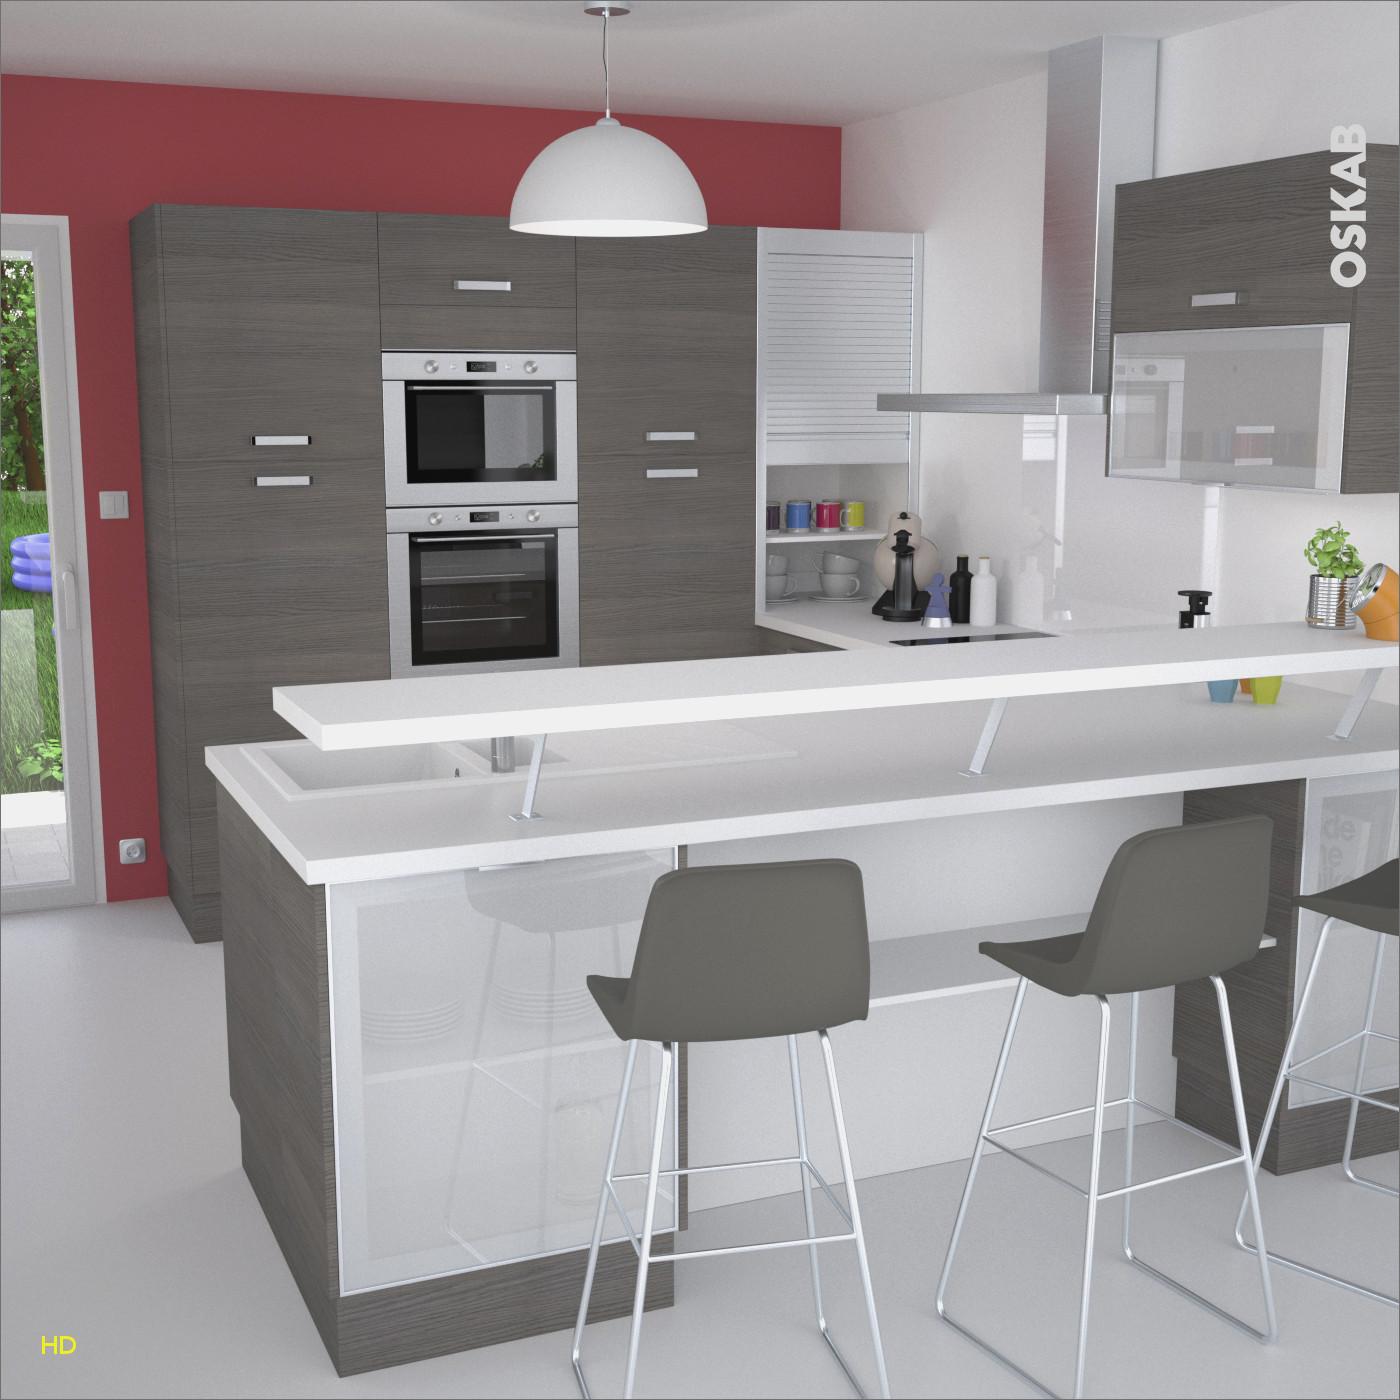 plan de travail sur pied but lille maison. Black Bedroom Furniture Sets. Home Design Ideas